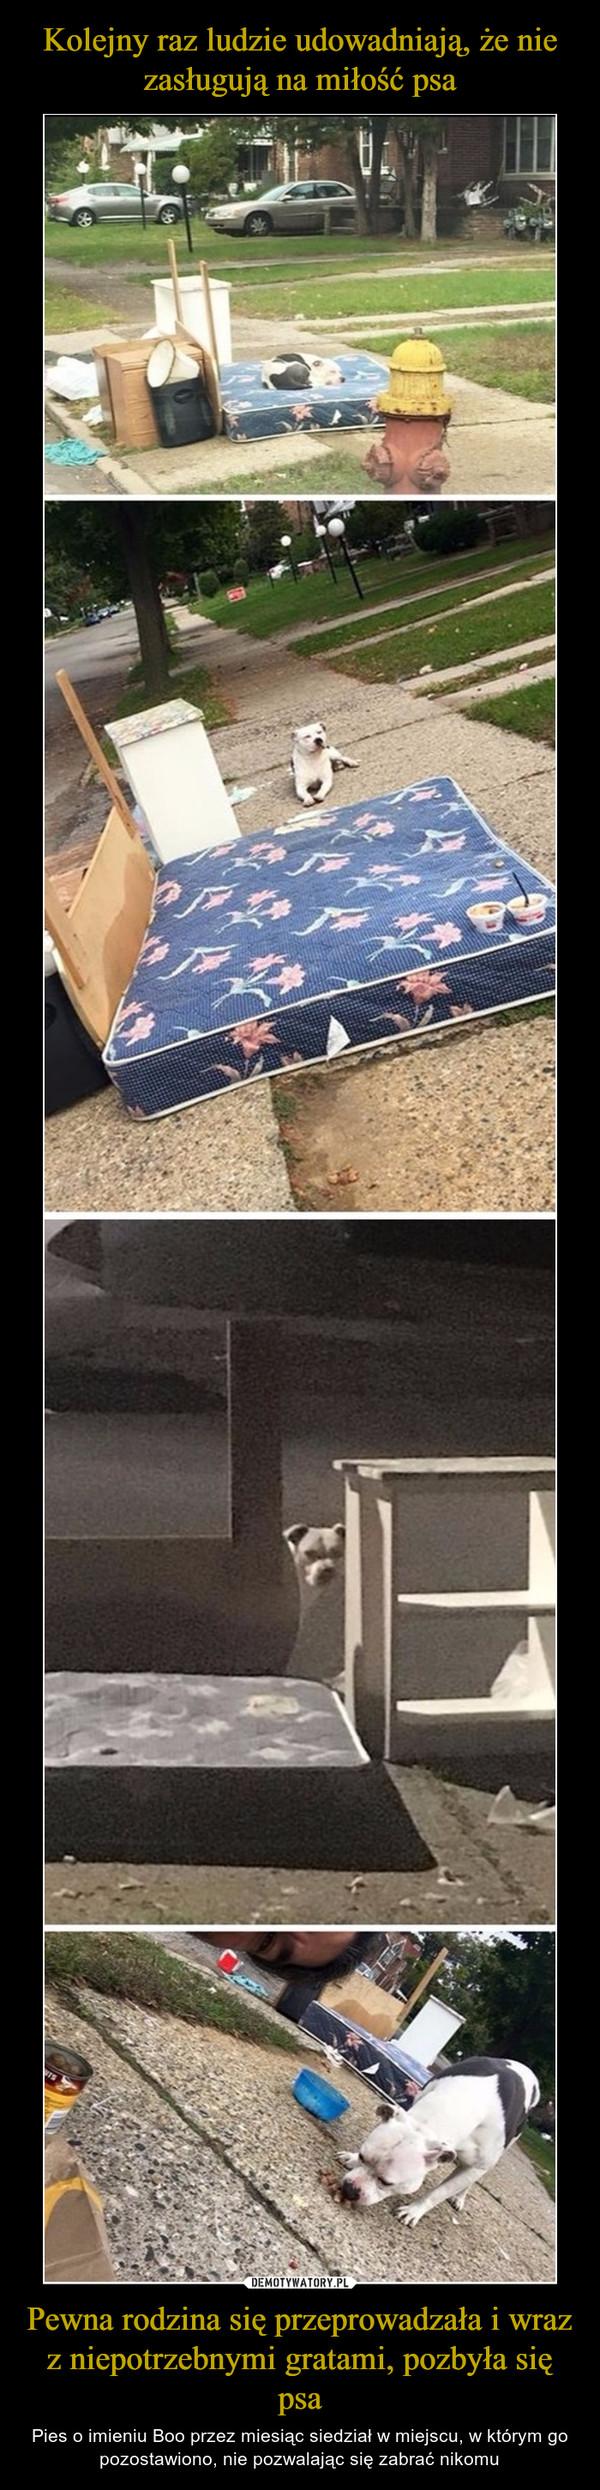 Pewna rodzina się przeprowadzała i wraz z niepotrzebnymi gratami, pozbyła się psa – Pies o imieniu Boo przez miesiąc siedział w miejscu, w którym go pozostawiono, nie pozwalając się zabrać nikomu